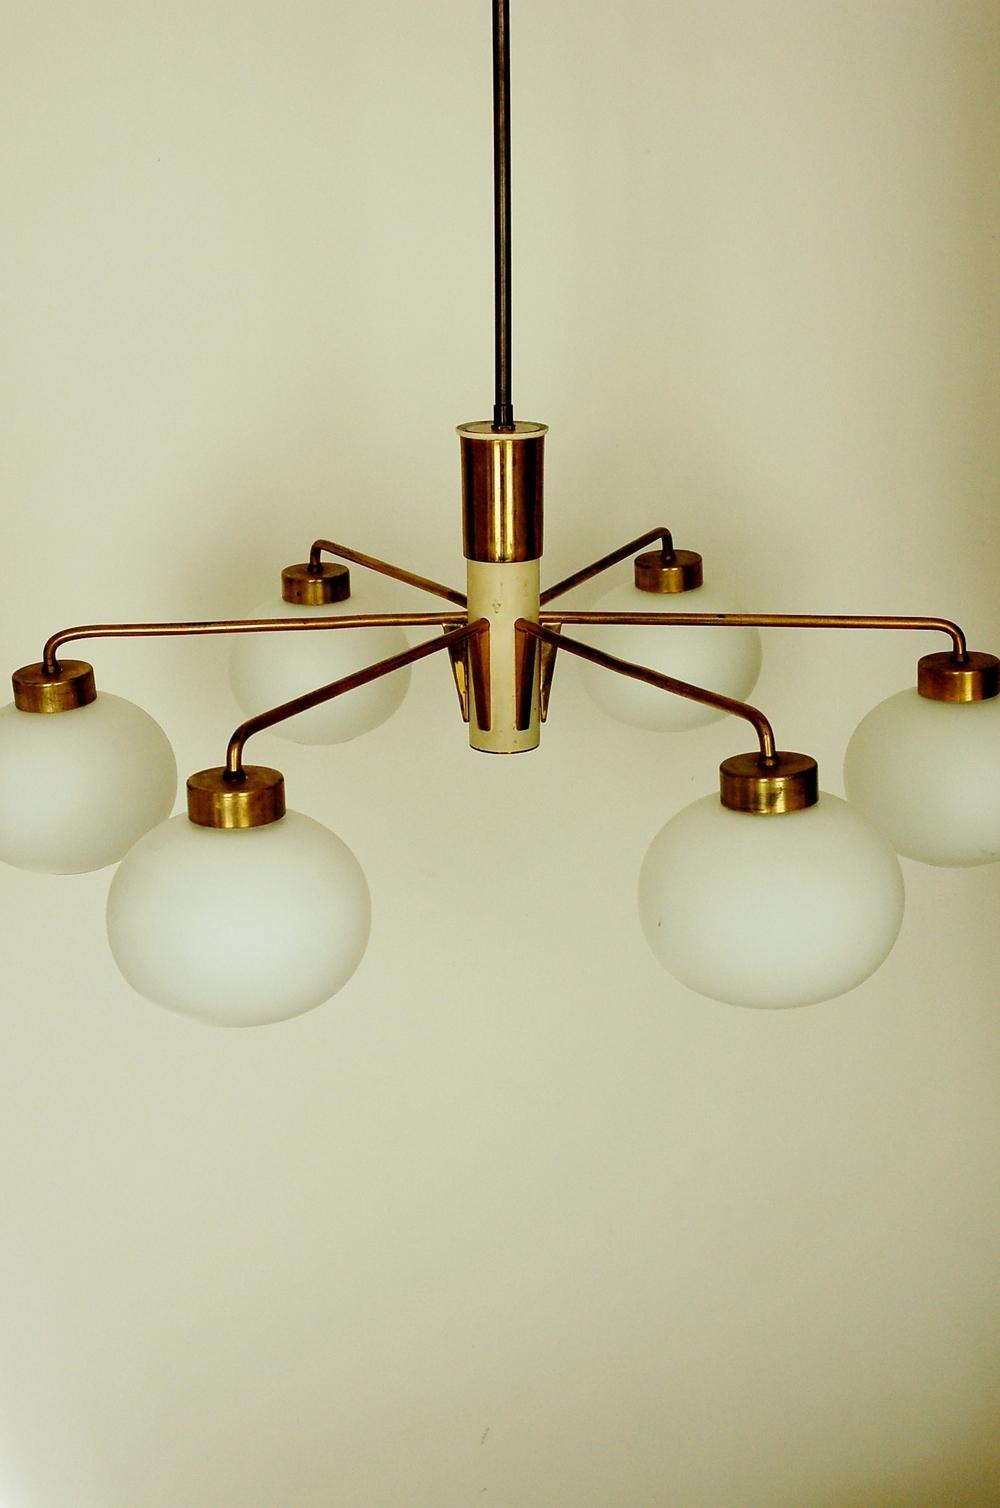 Osi Modern retro modernist stilnovo light lamp 002.JPG